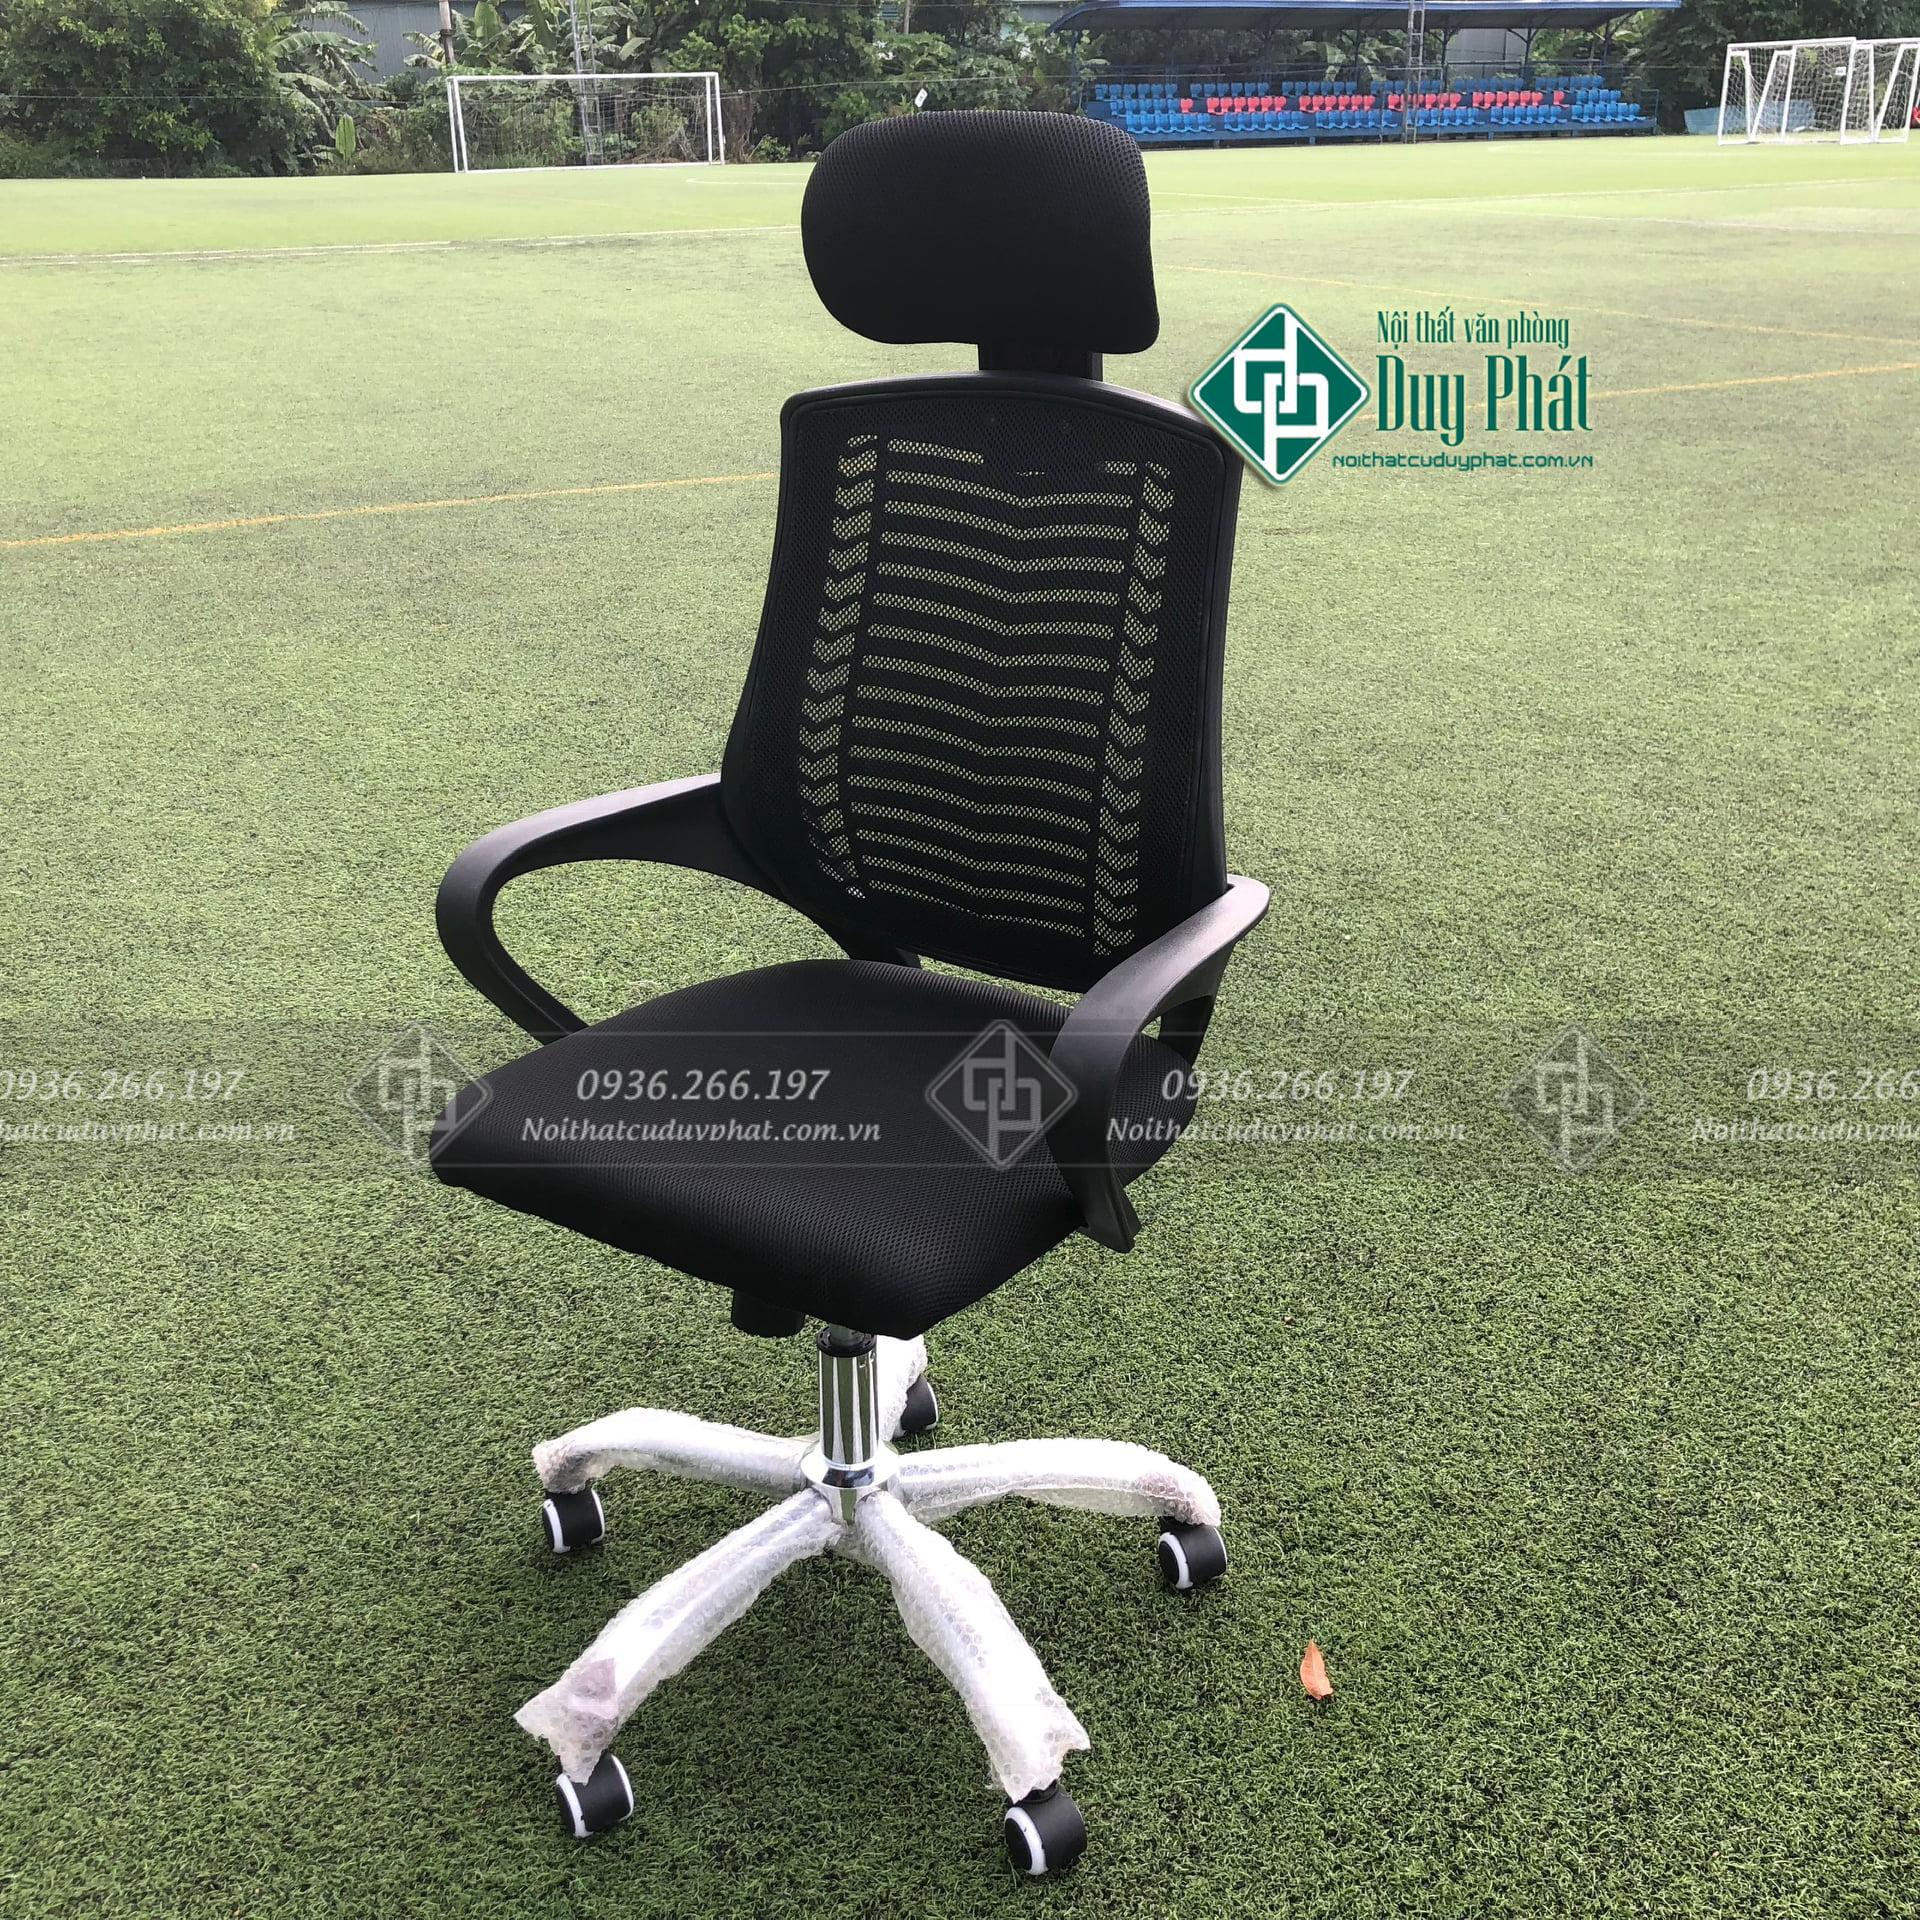 Thanh lý ghế xoay Thanh Xuân giá rẻ, mẫu mã mới nhất 2021